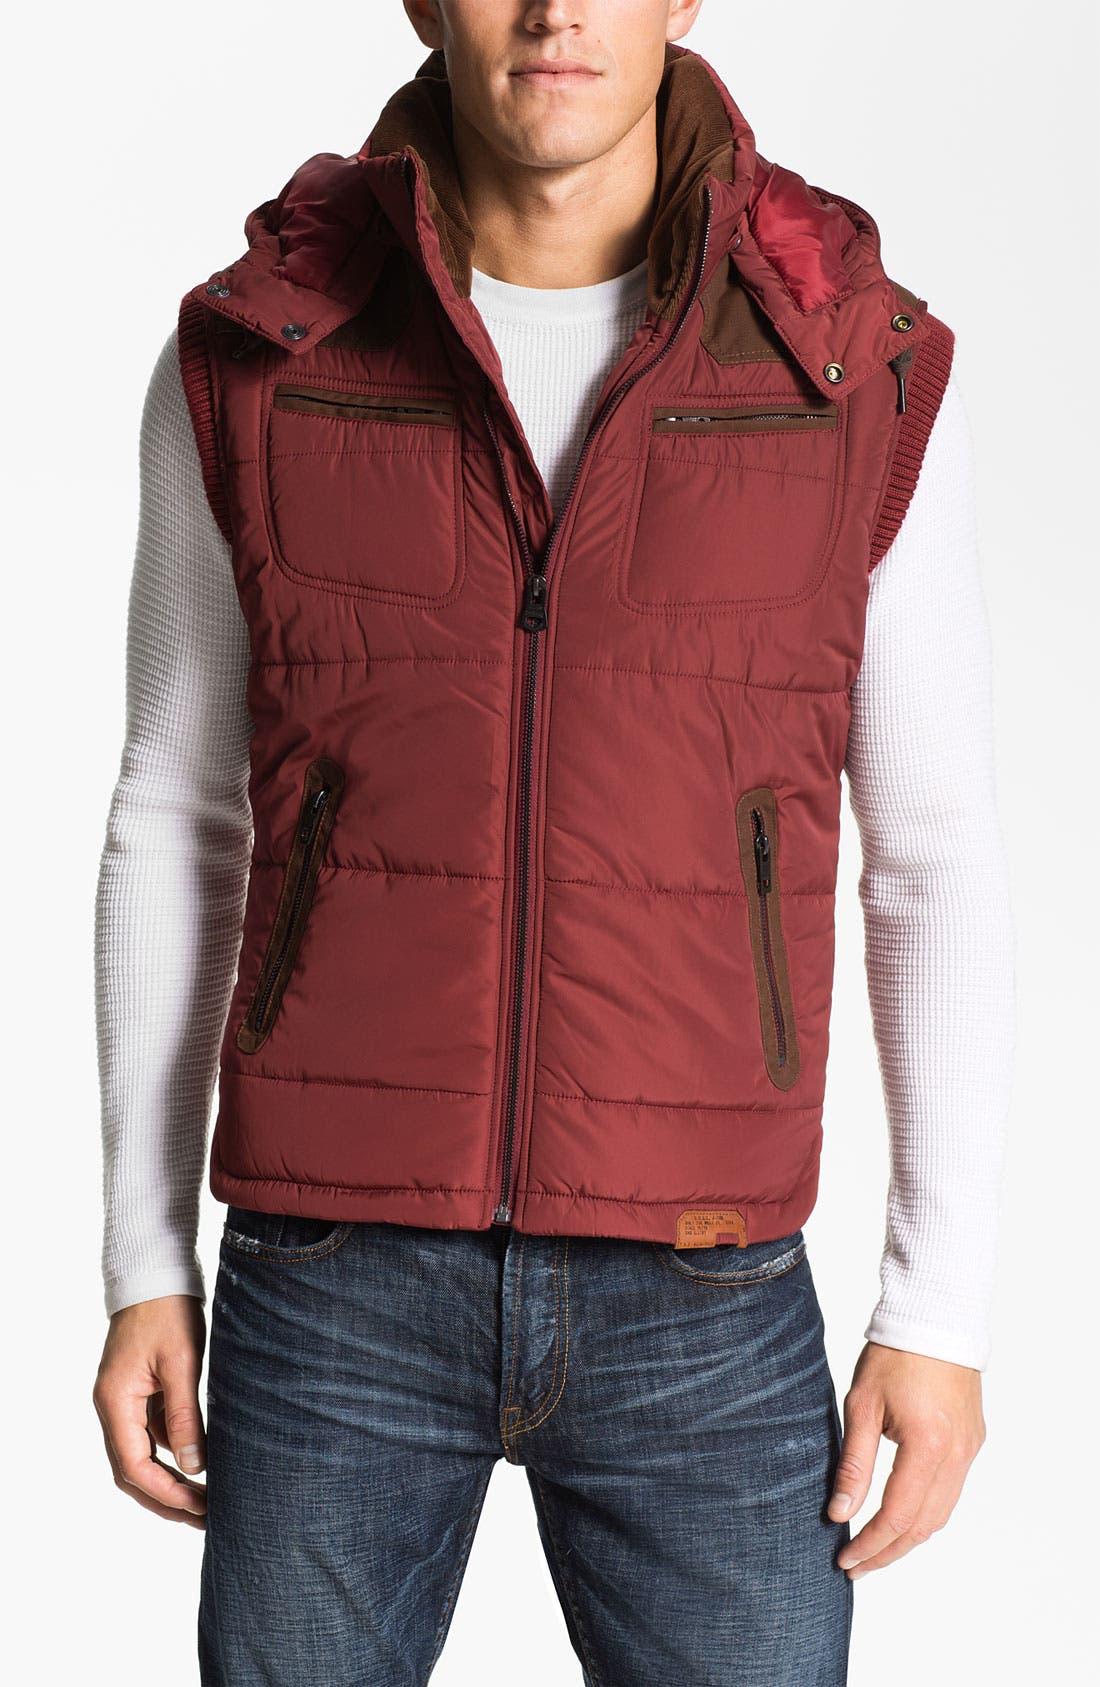 Alternate Image 1 Selected - DIESEL® 'Wilfrid' Quilted Vest